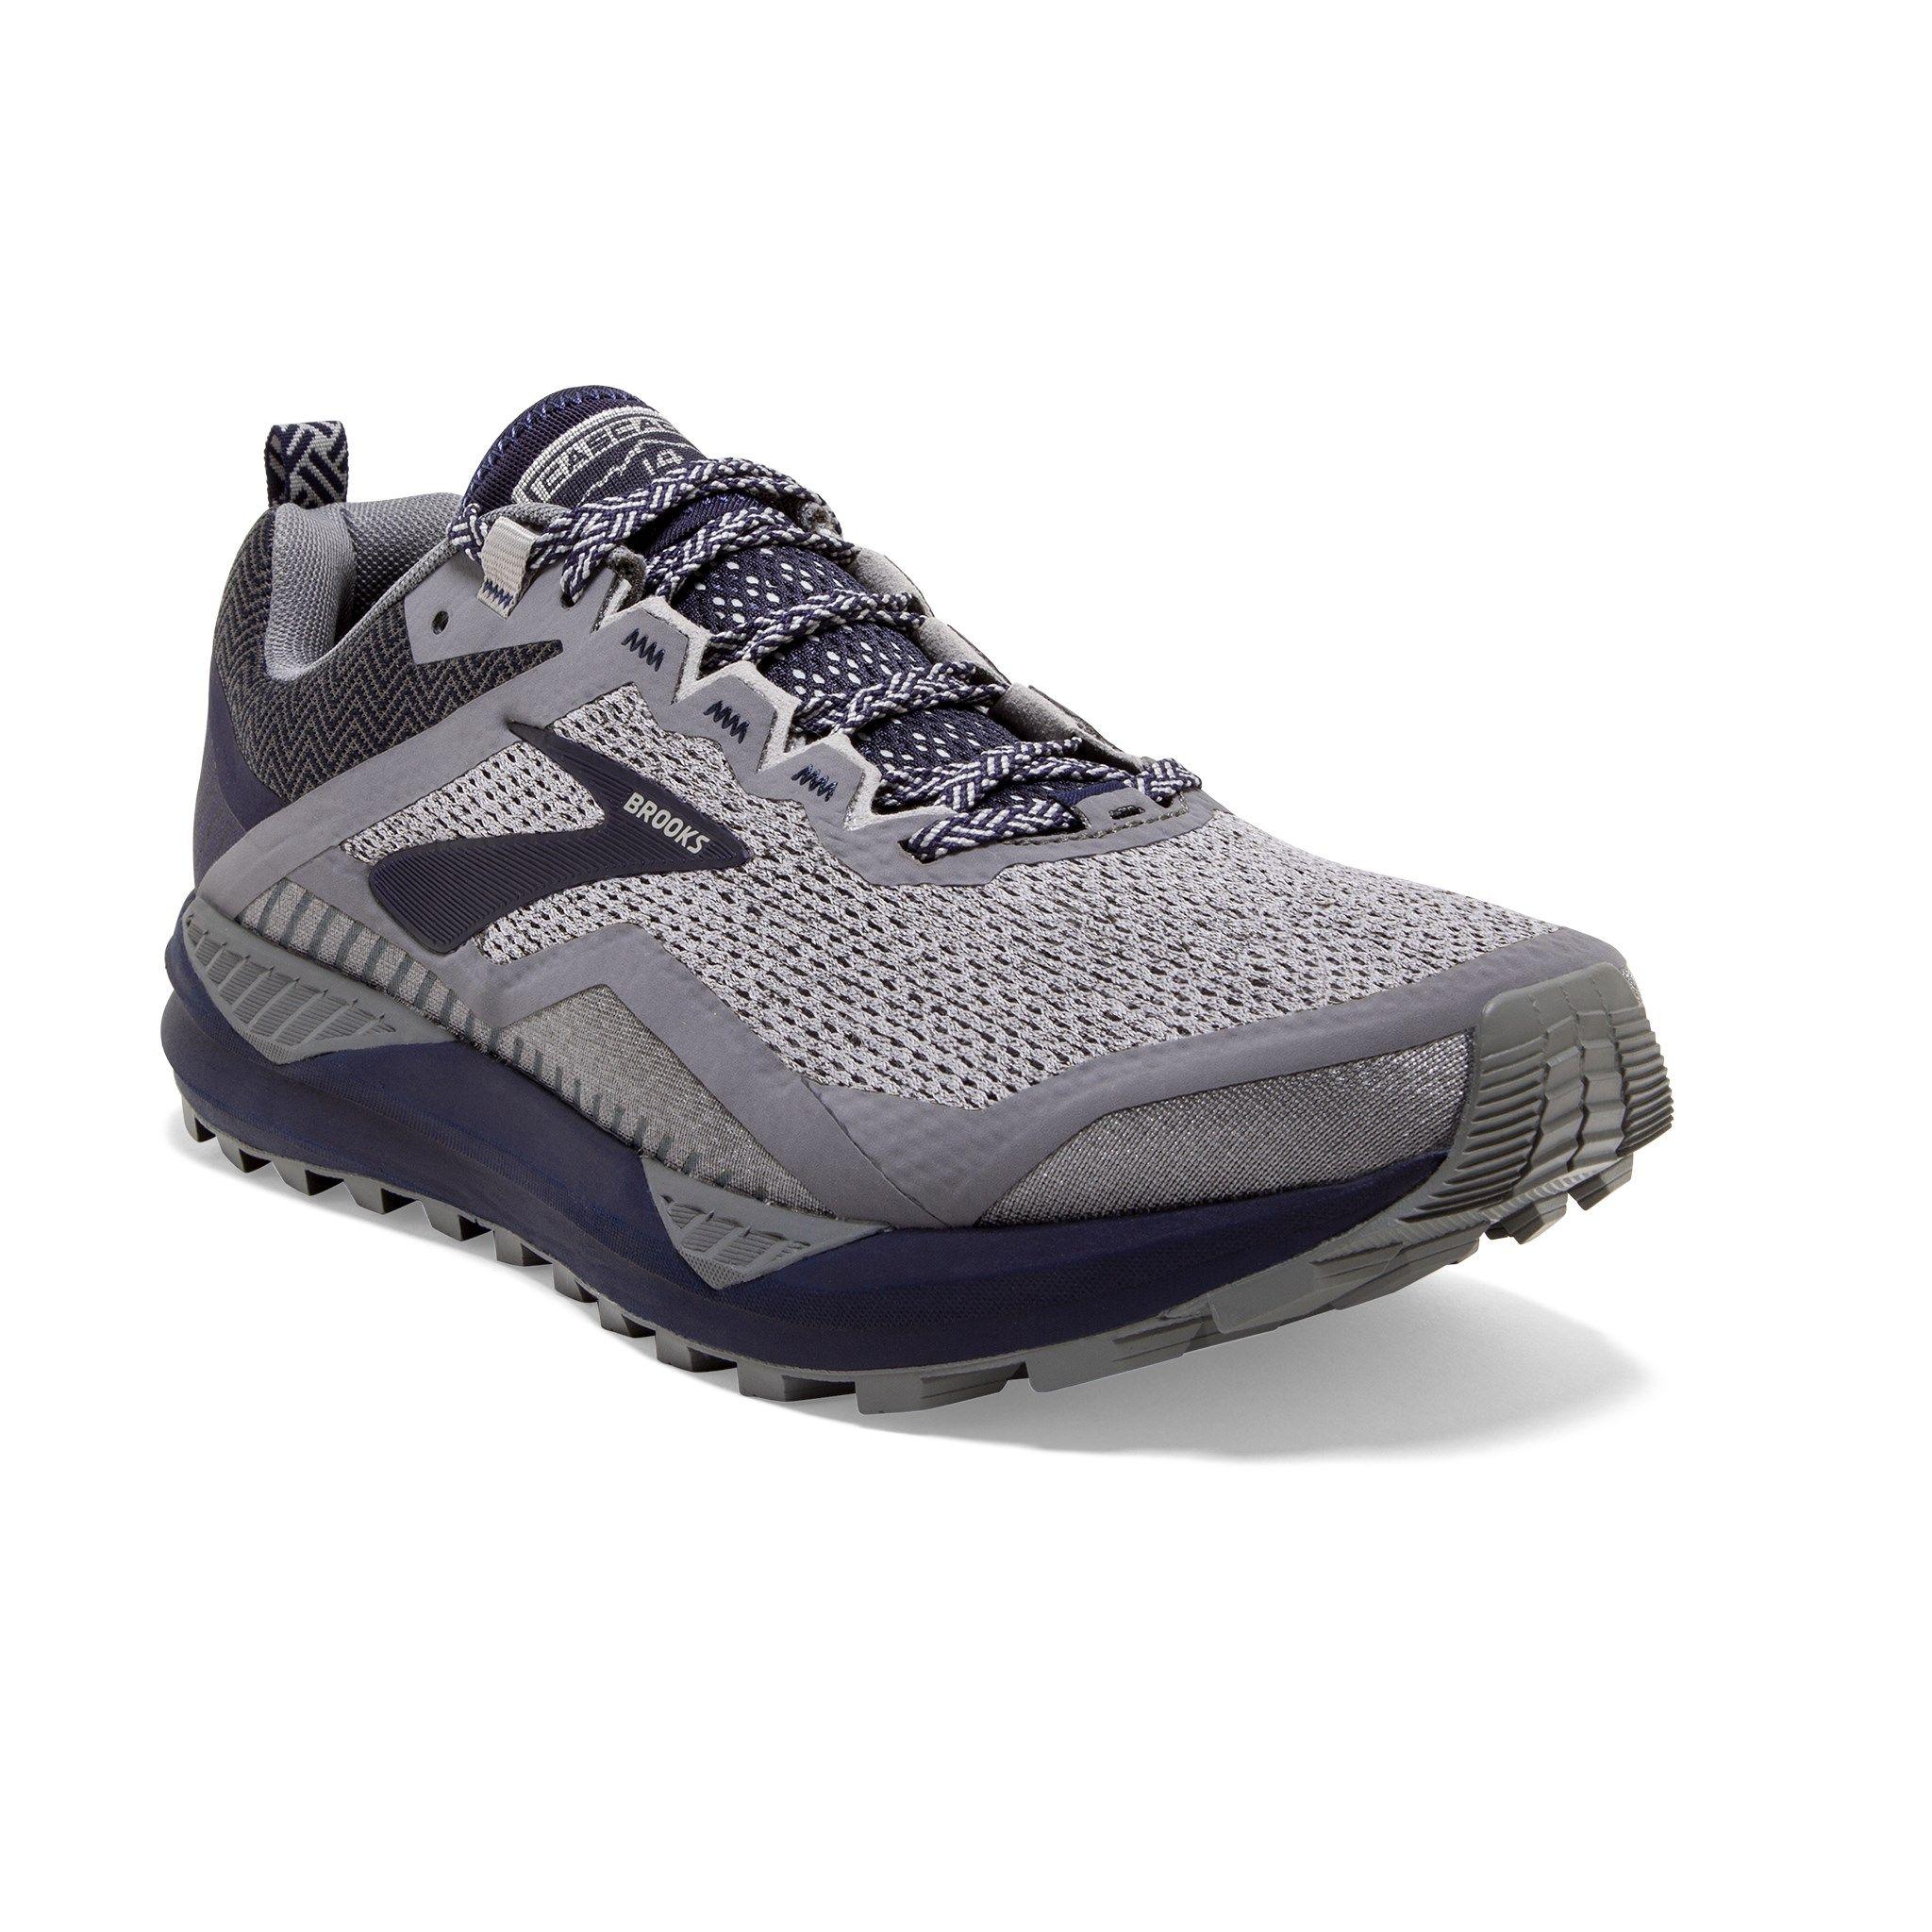 envío gratis varios diseños disfrute del envío de cortesía Brooks Cascadia 14 - Zapatillas Trail Running Hombre